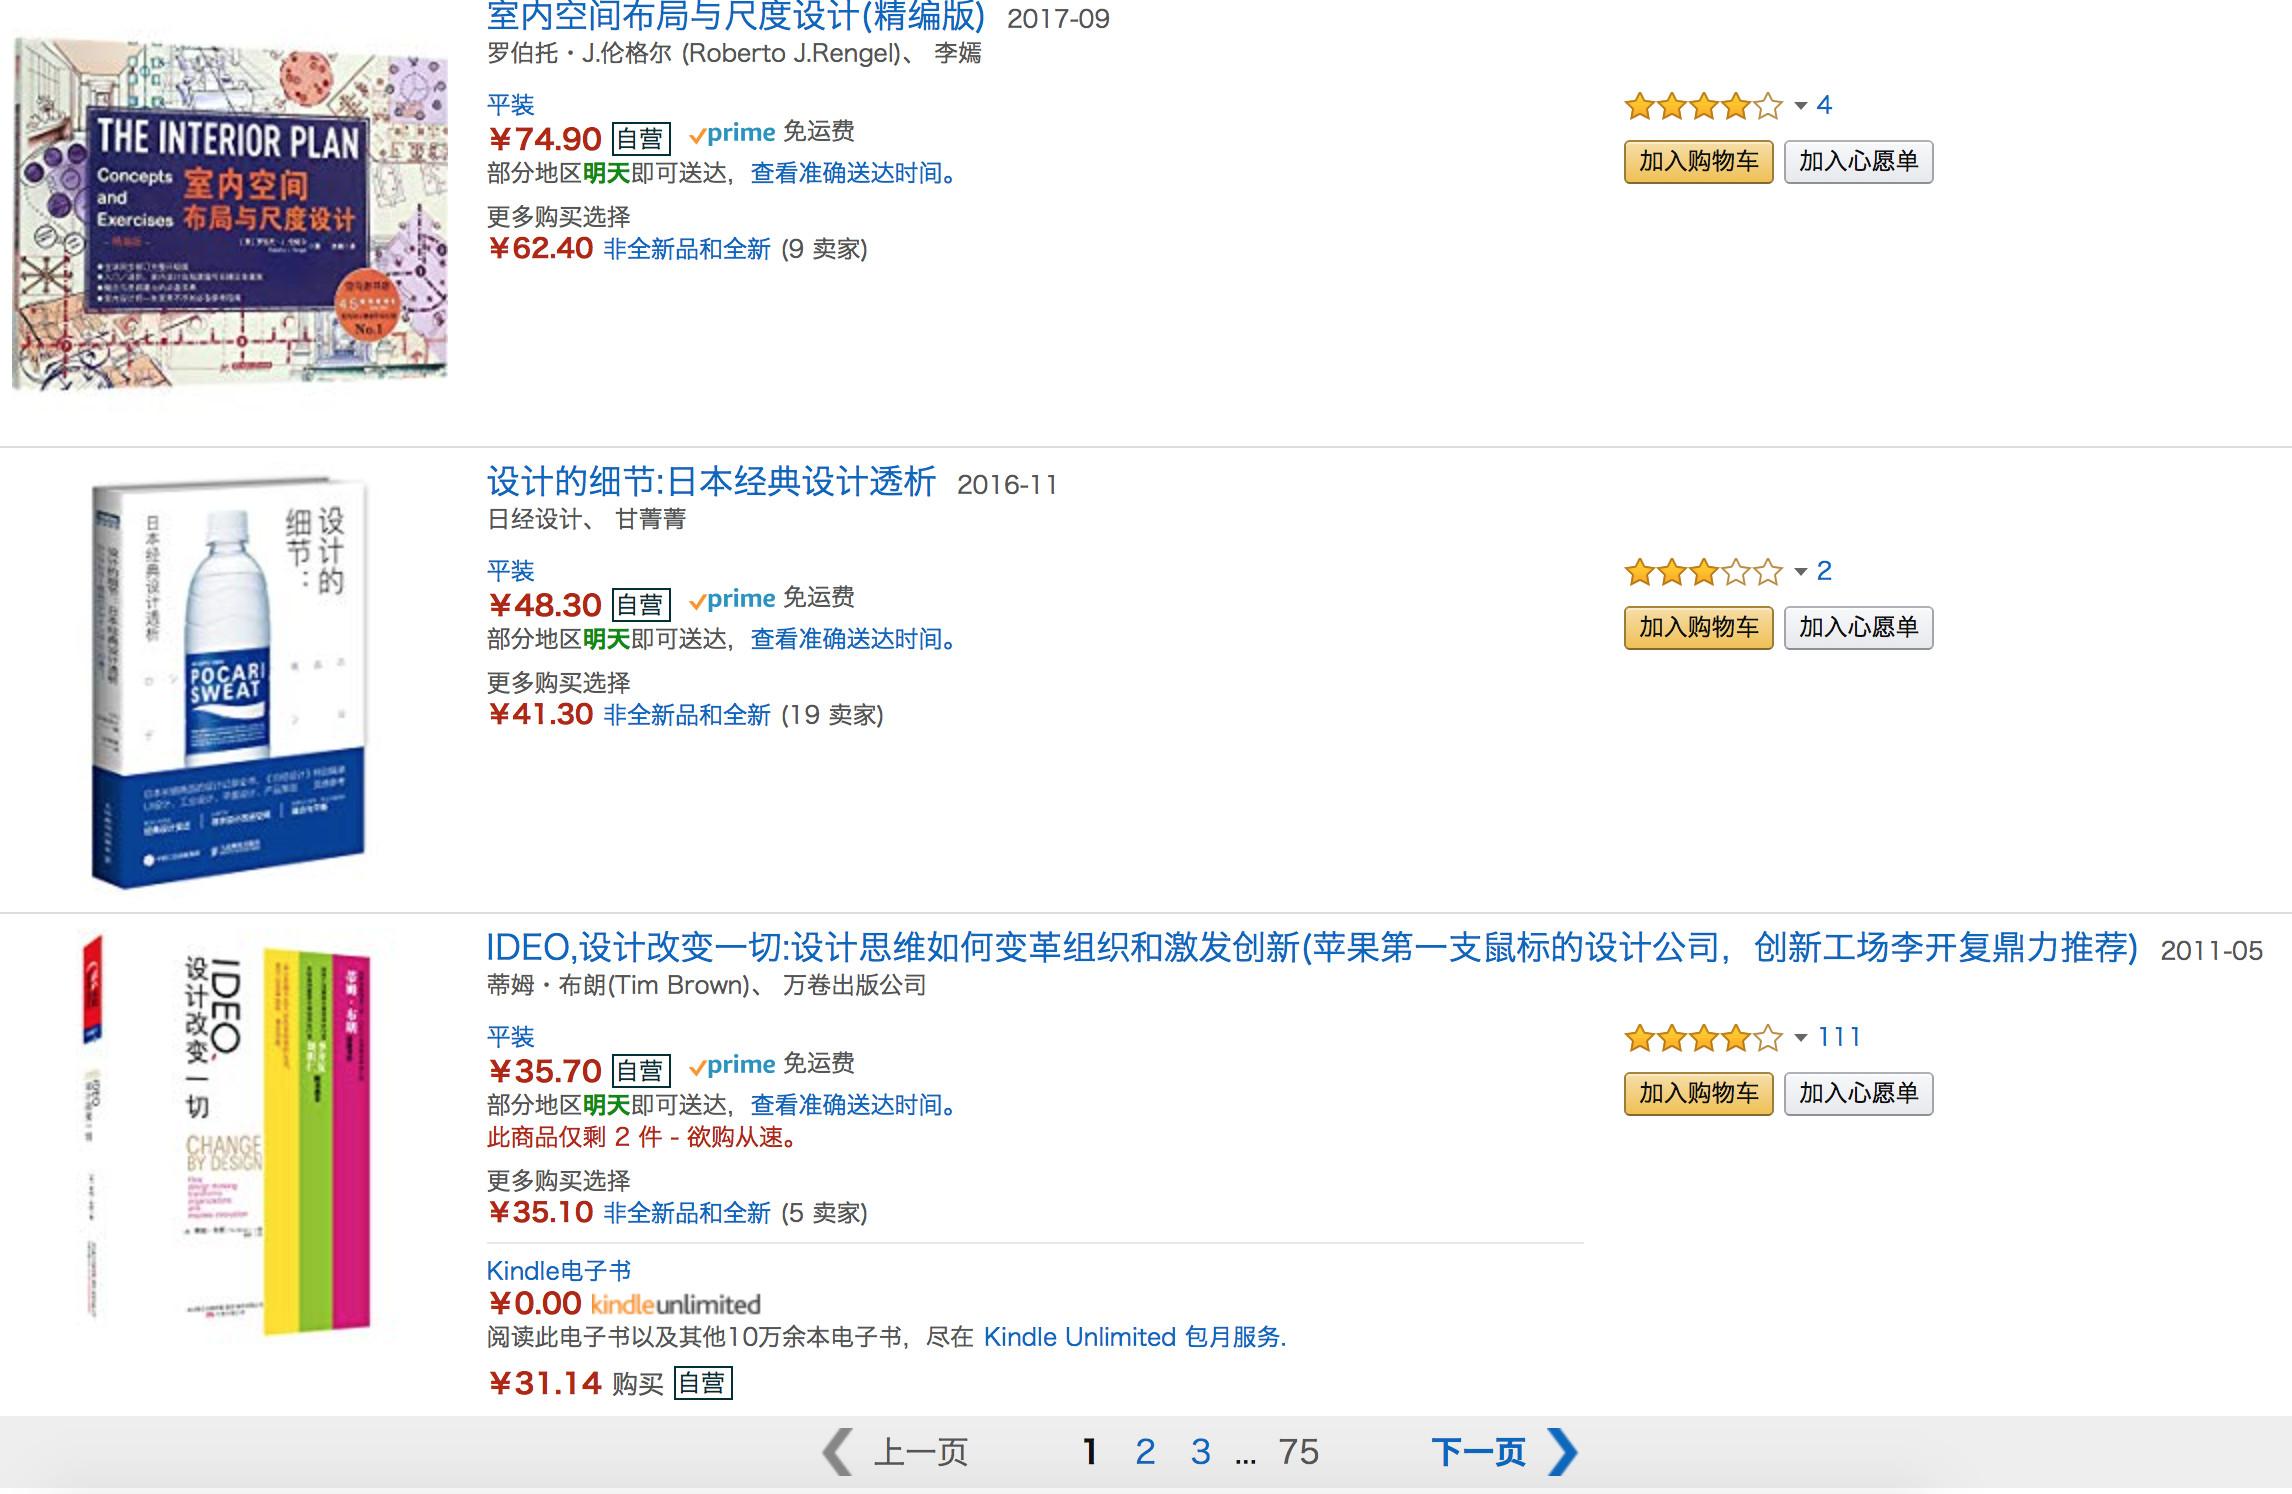 亚马逊 · 搜索结果页